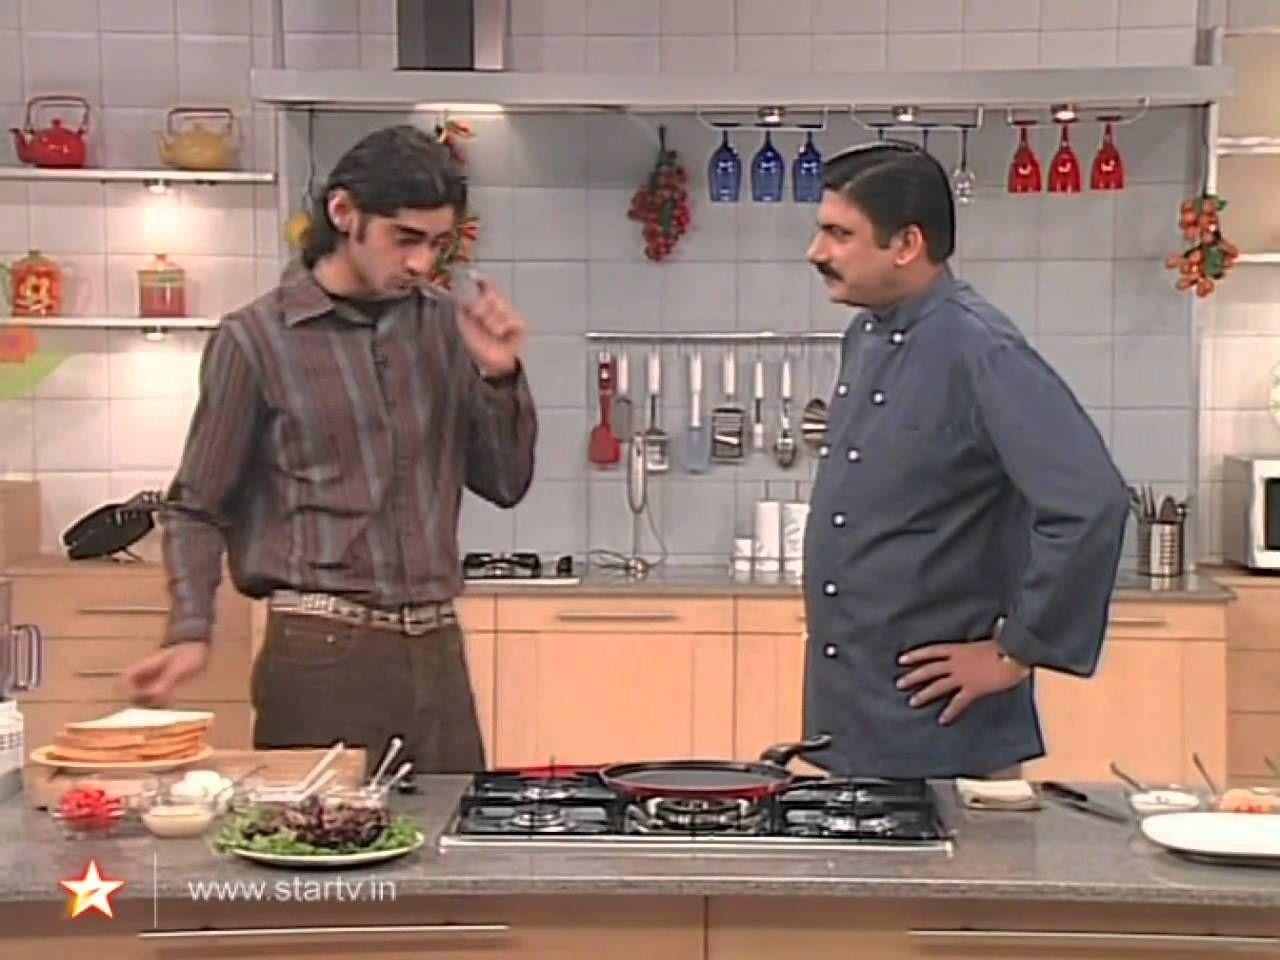 Jhatka jalfrezi rakesh sethi mirch masala foodilicious pinterest jhatka jalfrezi rakesh sethi mirch masala forumfinder Choice Image